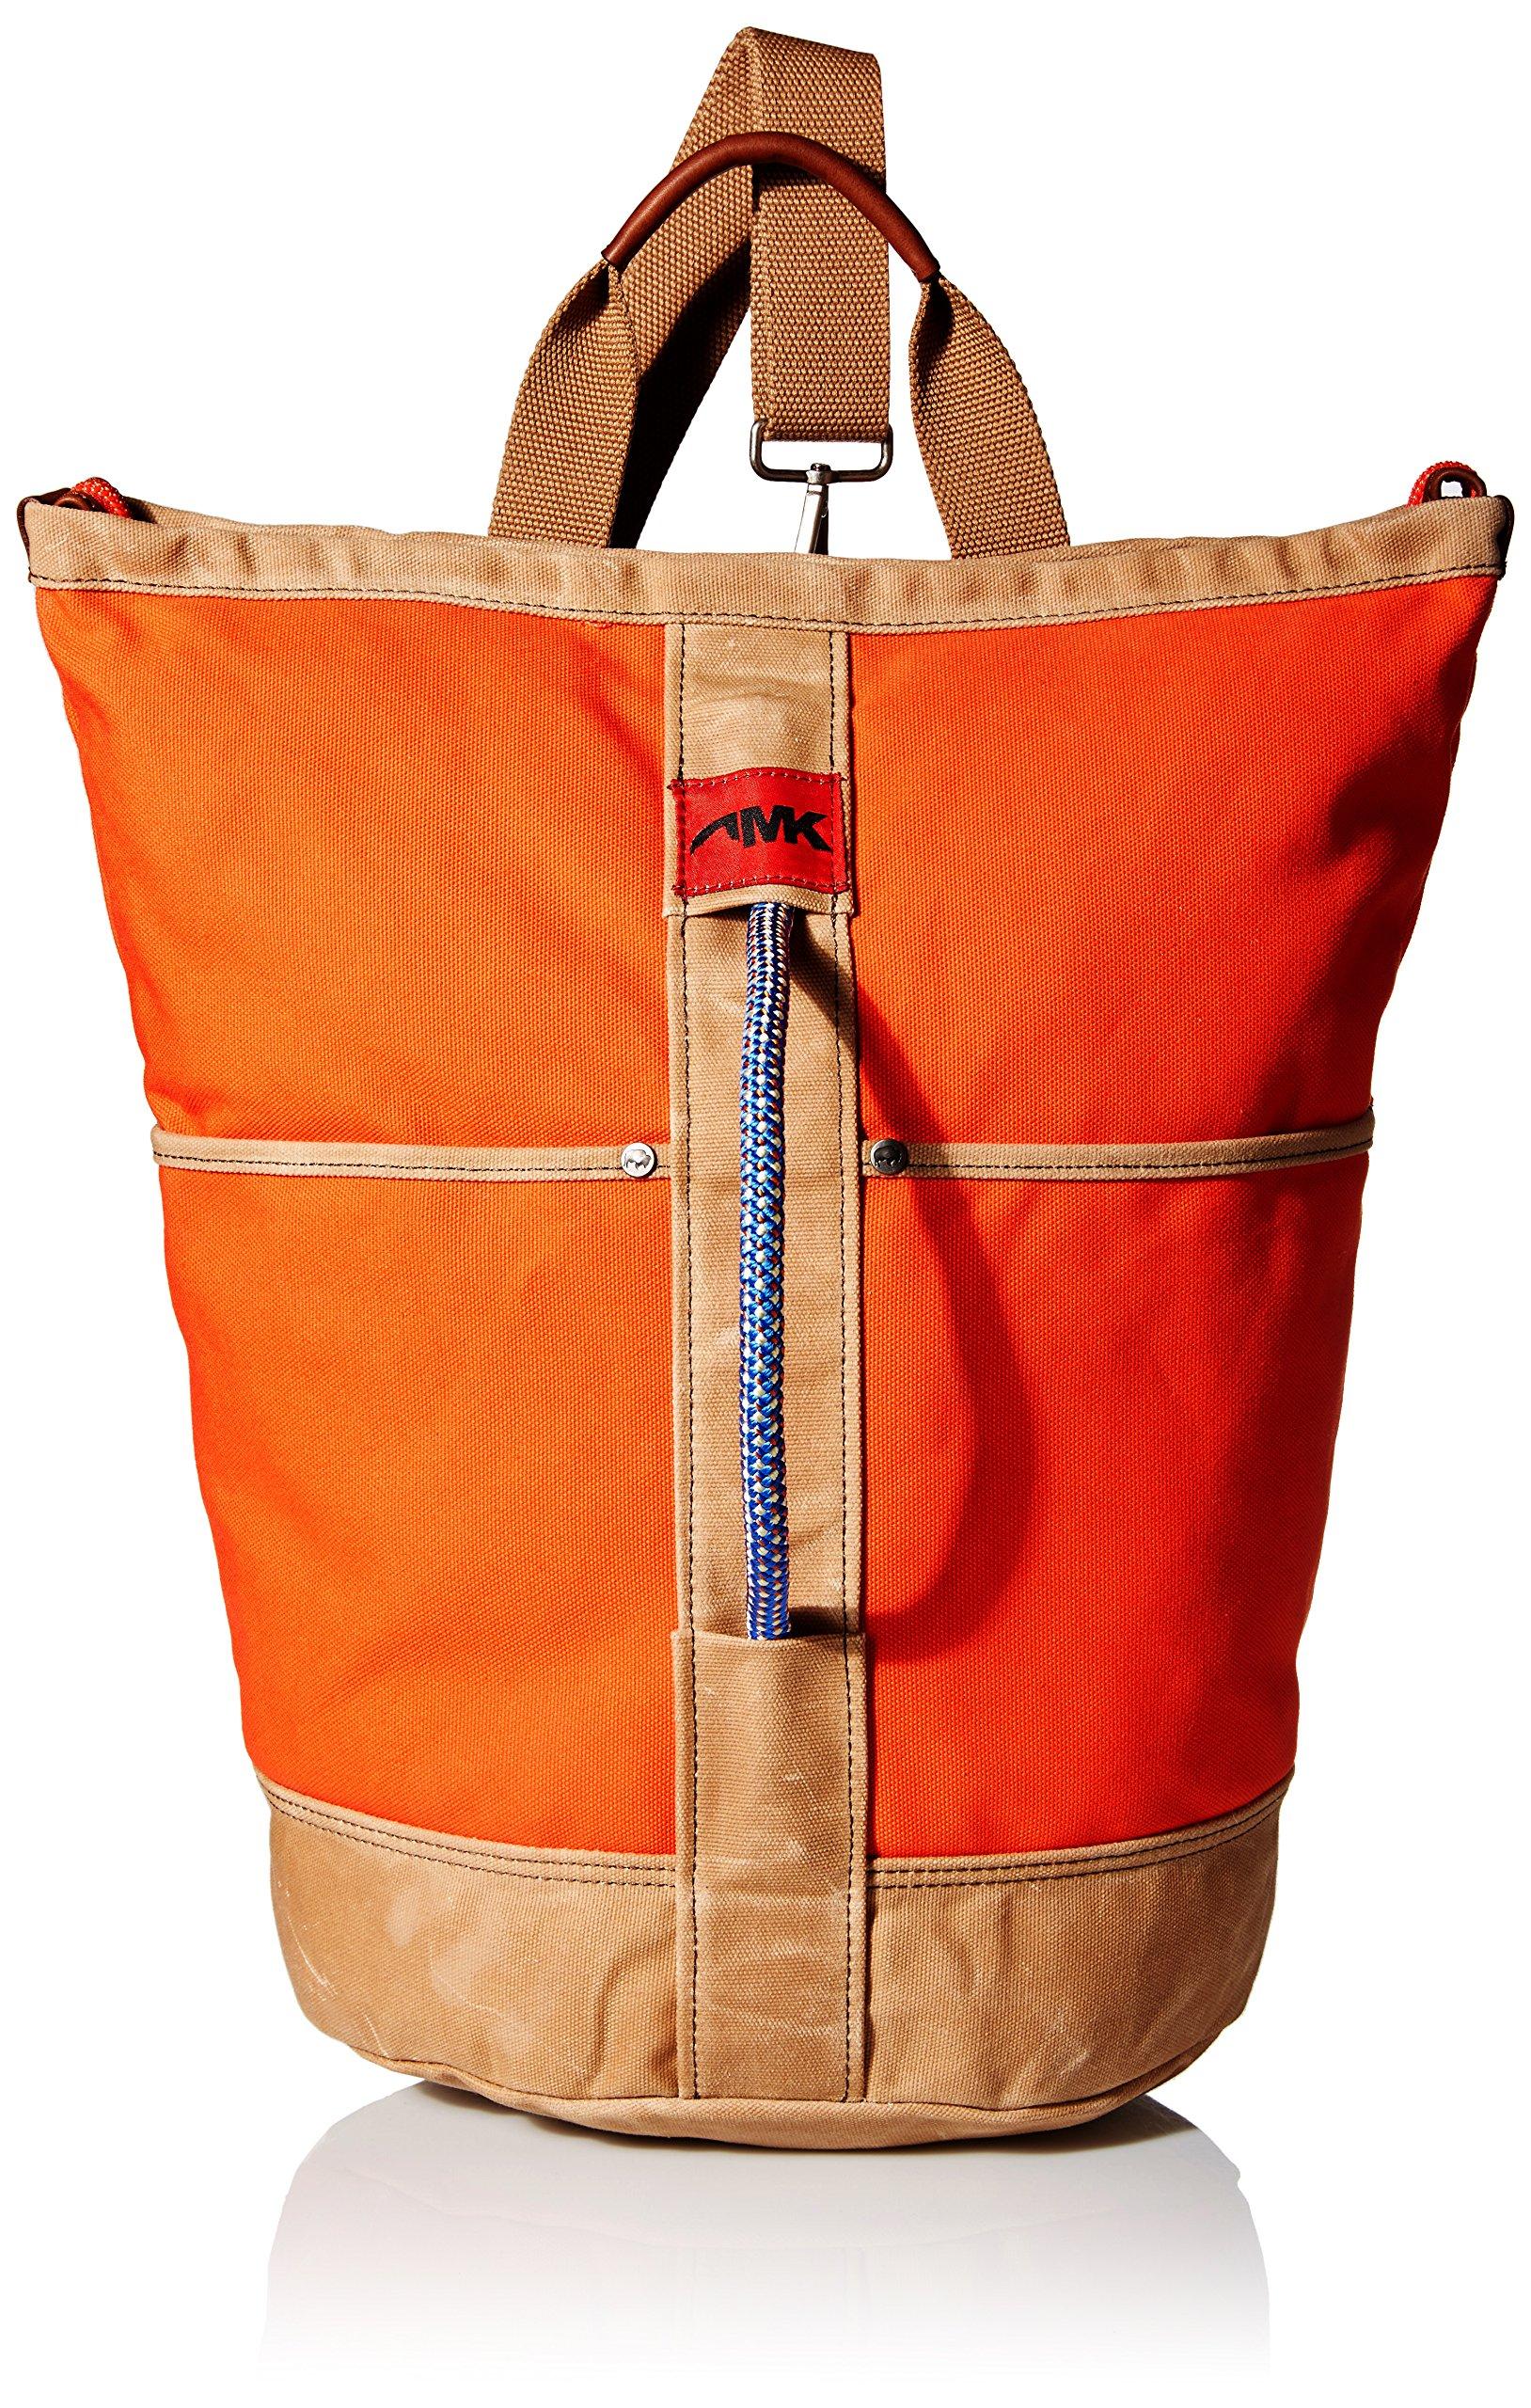 Mountain Khakis Utility Bag, Harvest, One Size